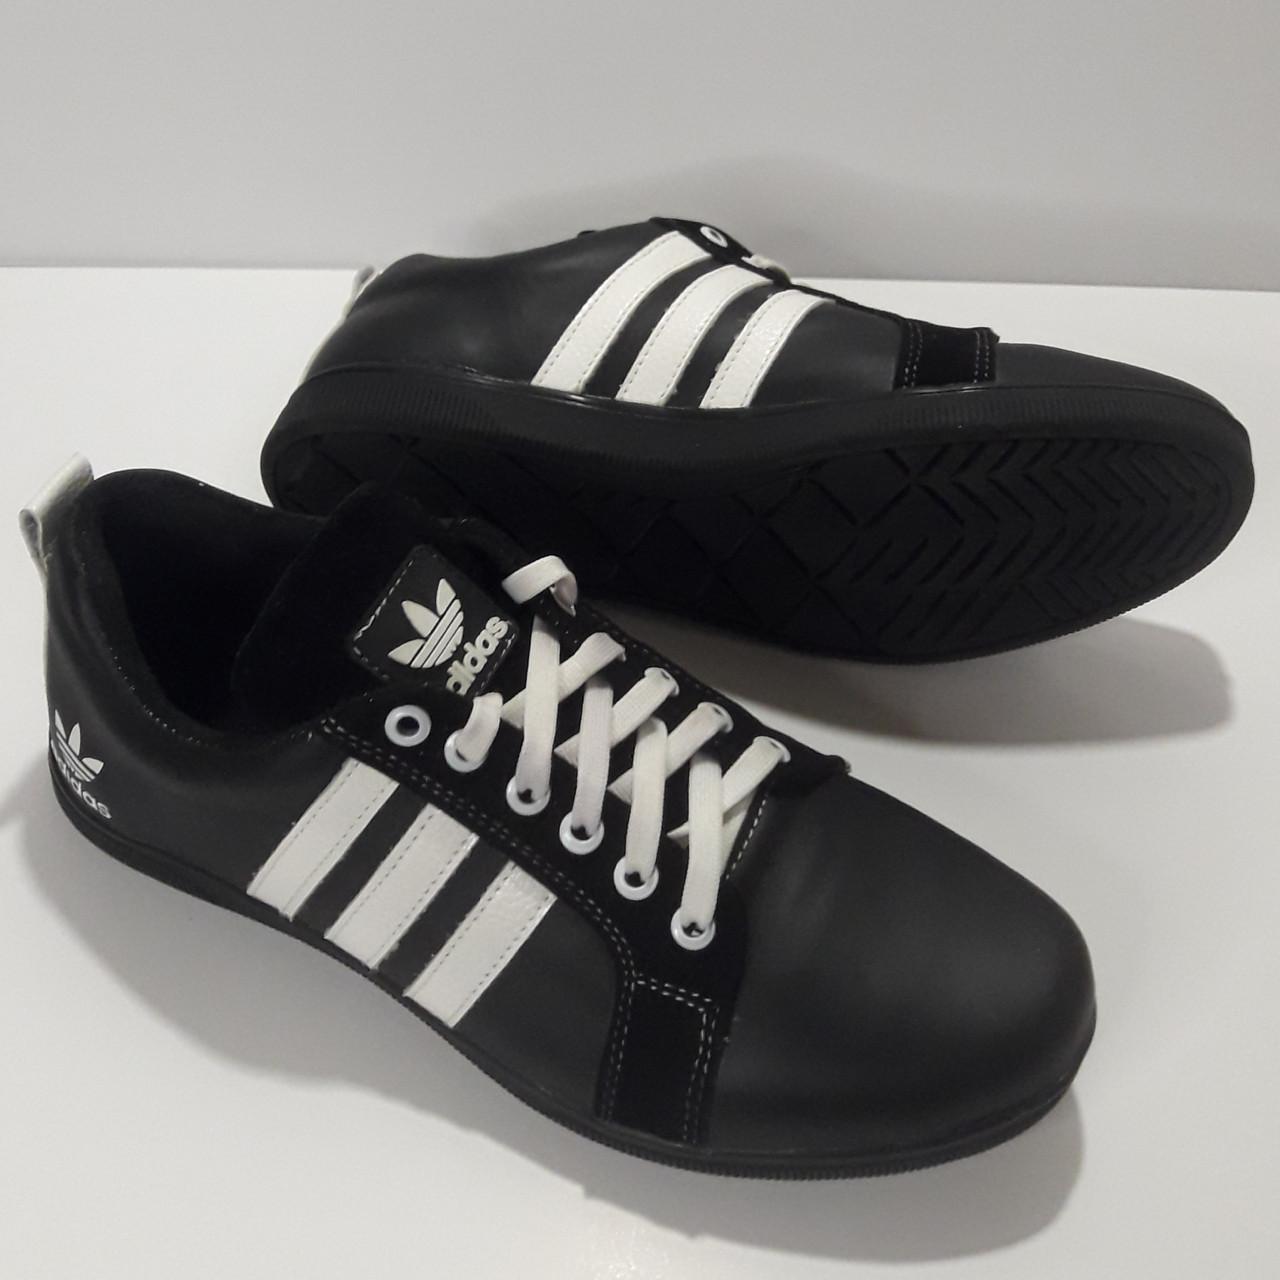 Кросівки Adidas р. 40 шкіра Харків чорні